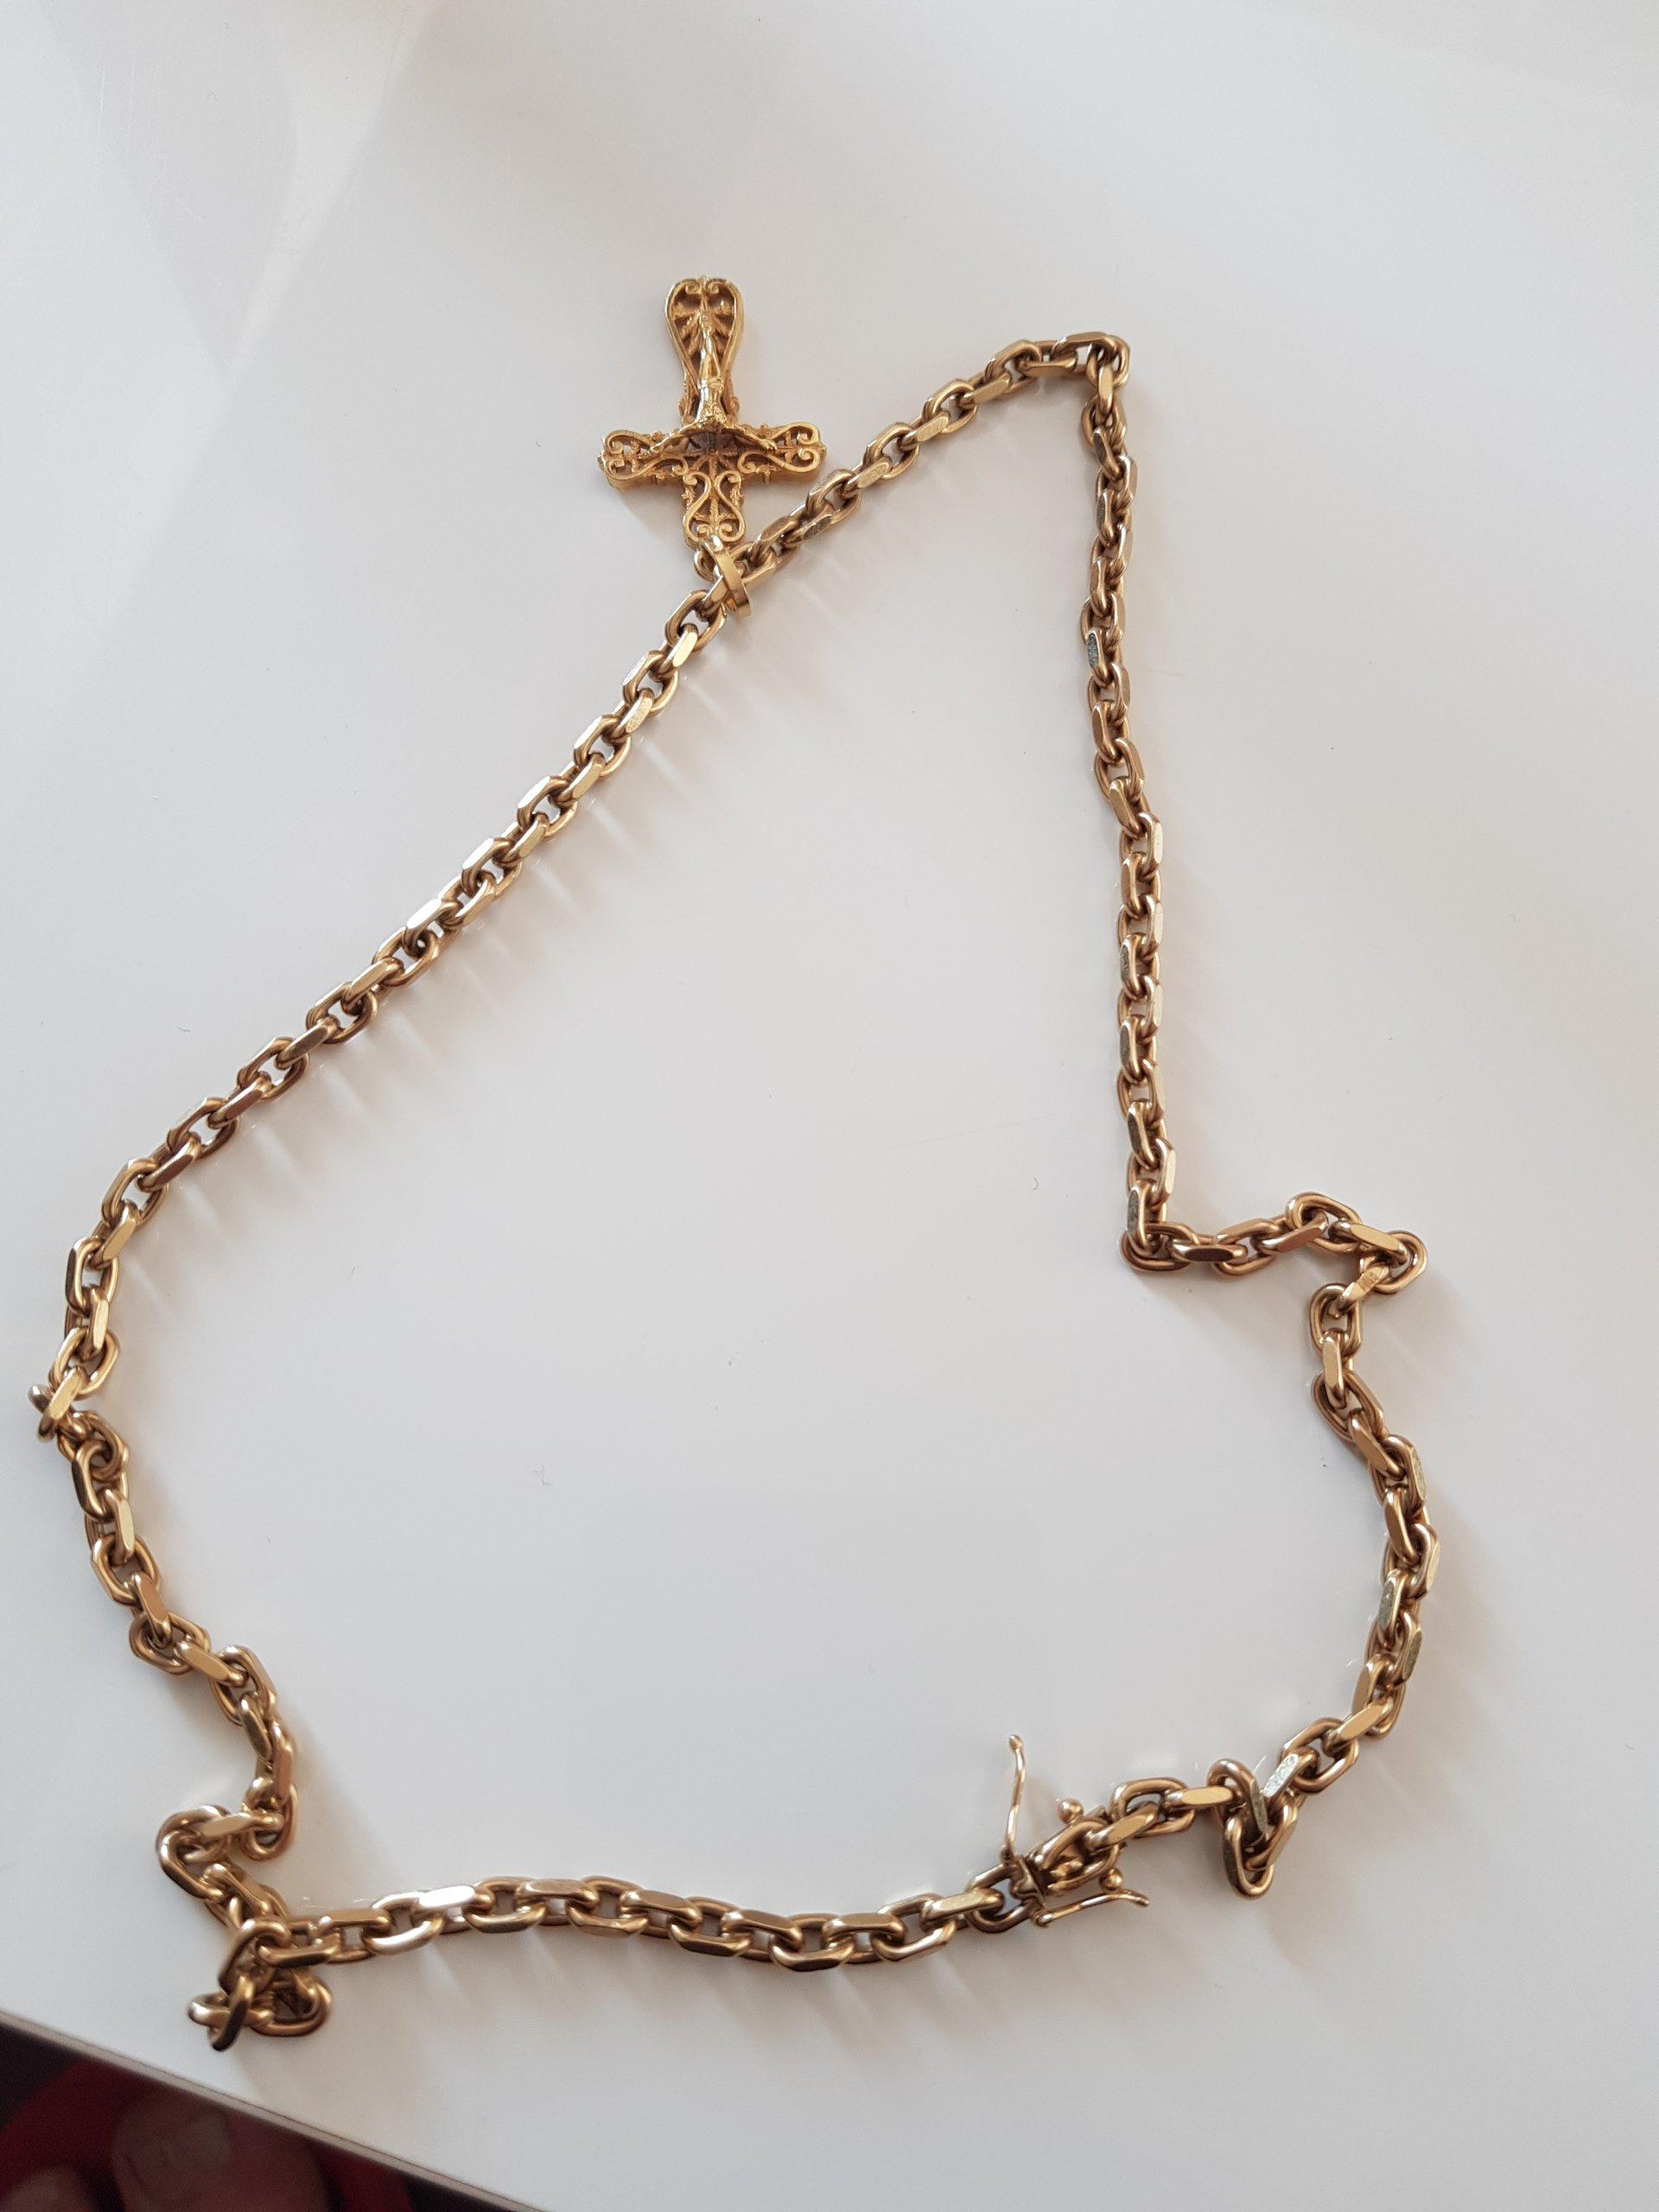 Złoty łańcuszek kuty 32,9 grama tanio